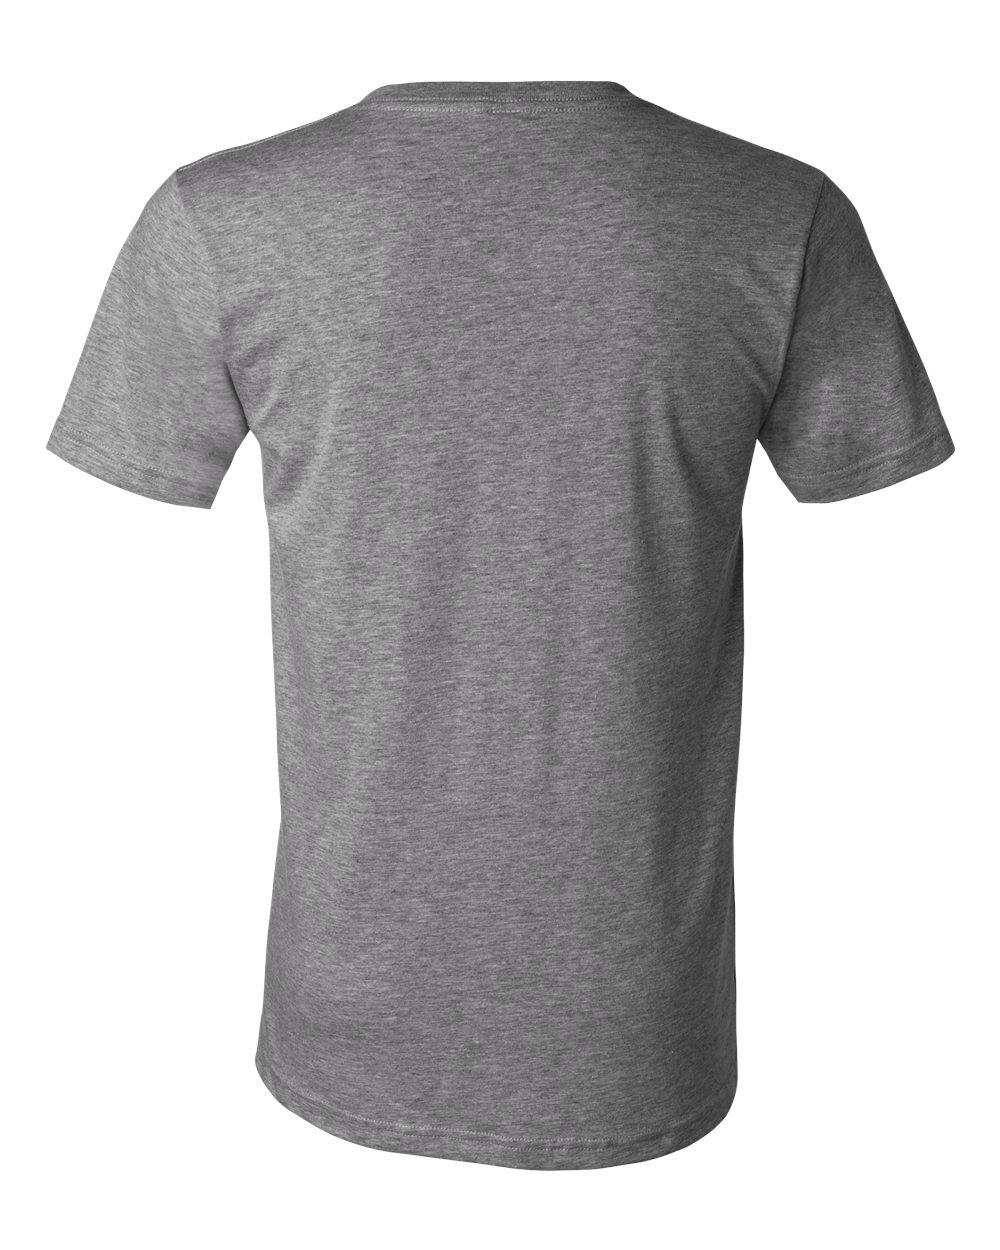 Bella-Canvas-Men-039-s-Jersey-Short-Sleeve-V-Neck-T-Shirt-3005-XS-3XL thumbnail 74